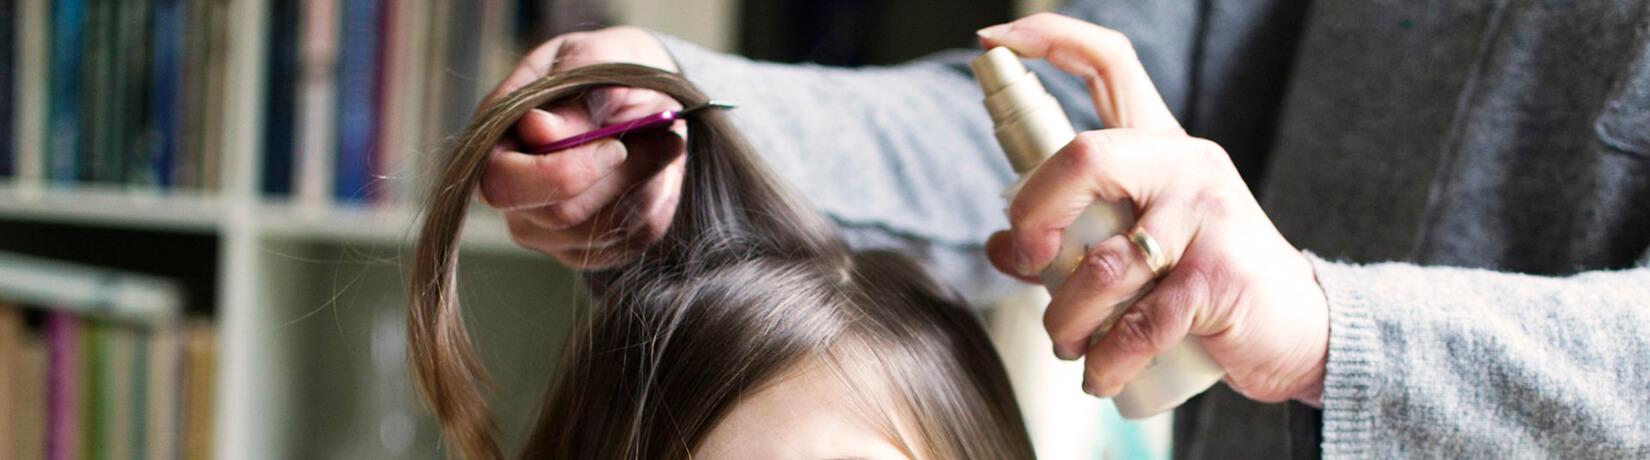 Спрей для волос: зачем нужен и как им пользоваться